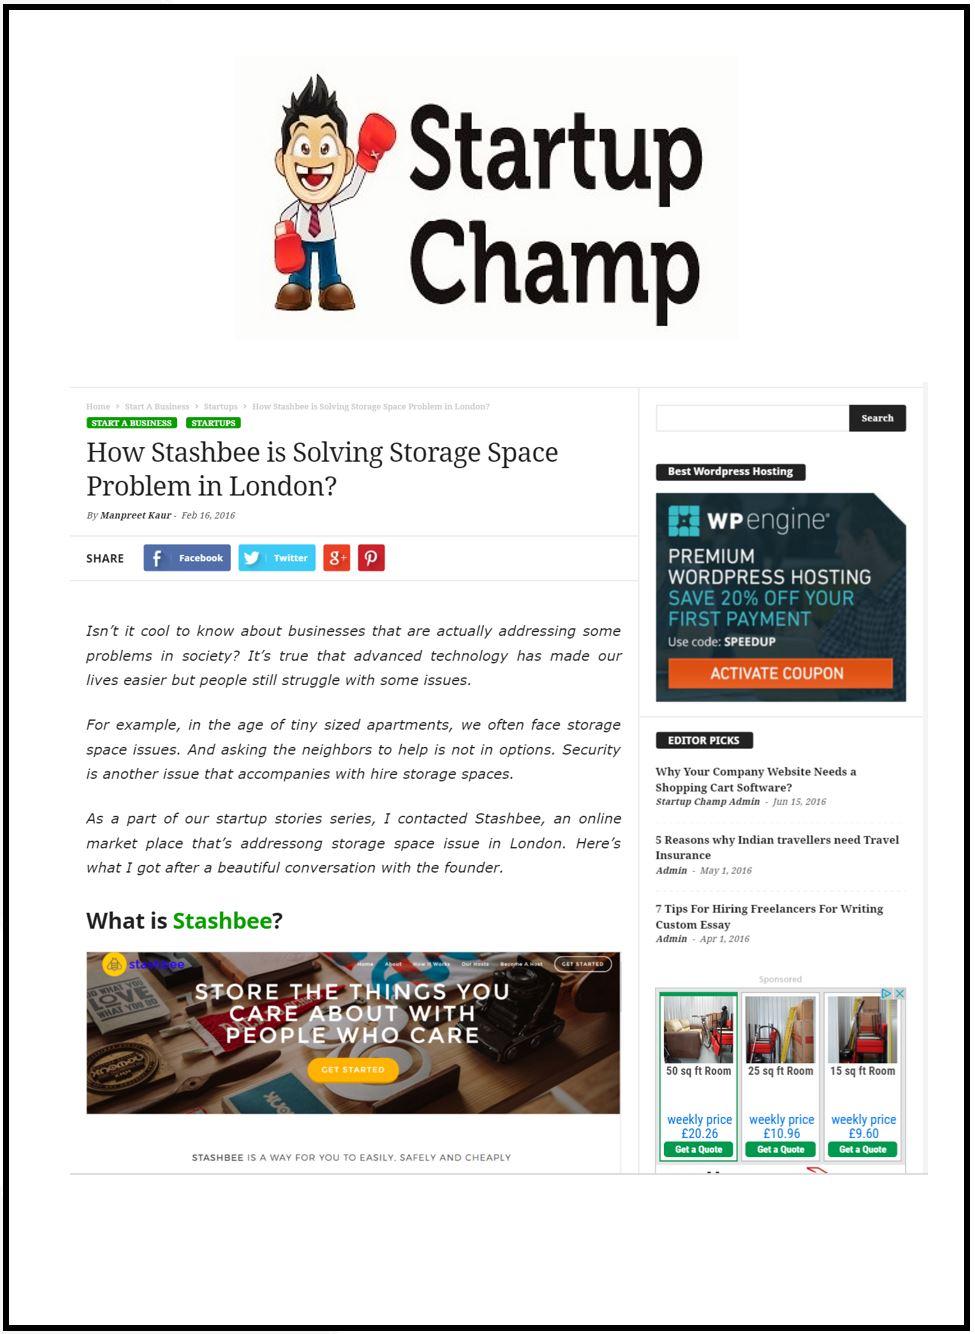 Stashbee StartUp Champ Blog Post